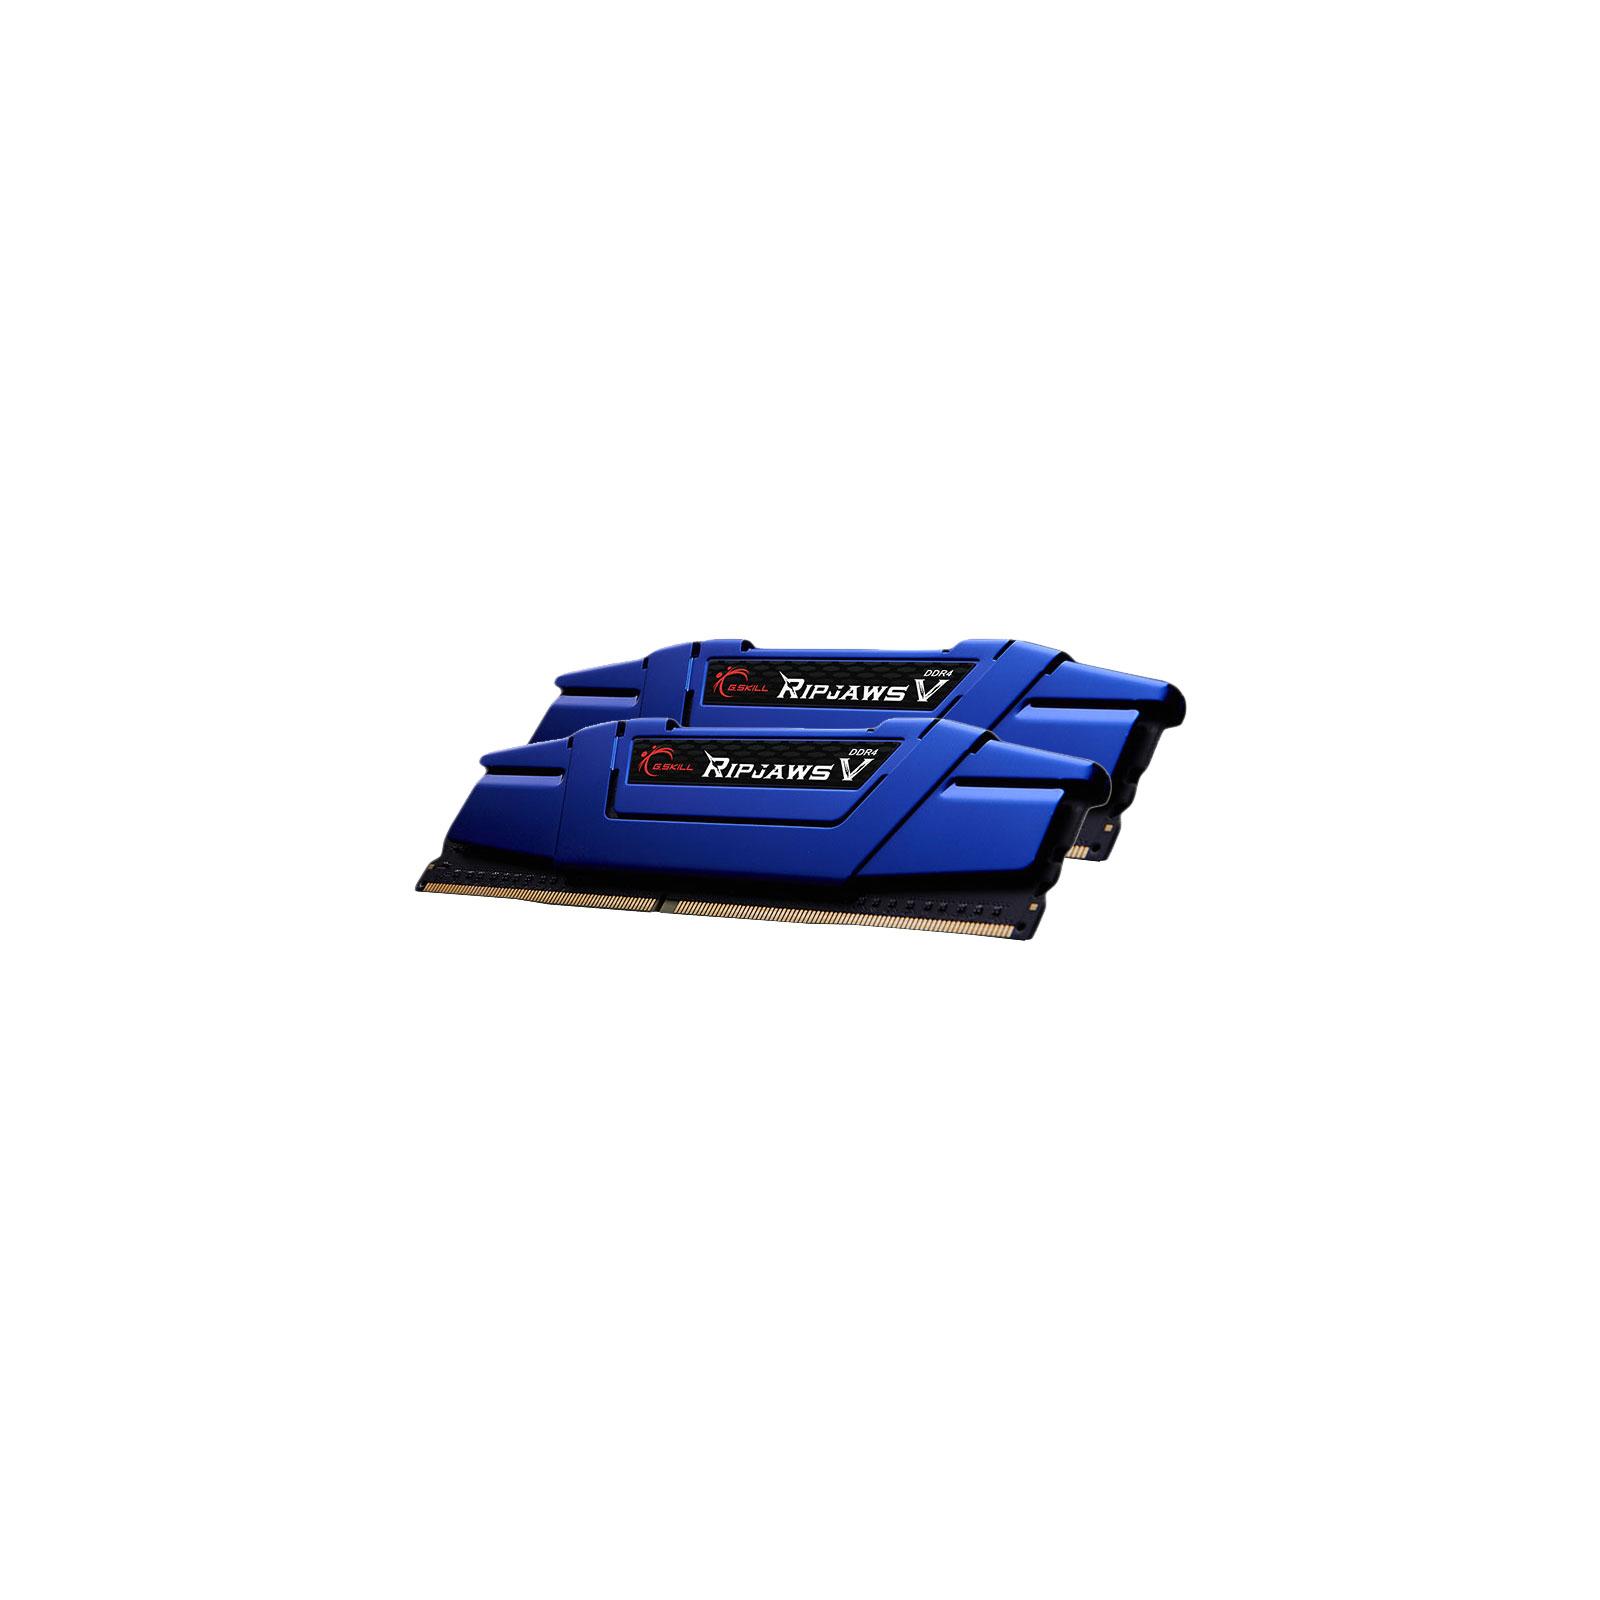 Модуль памяти для компьютера DDR4 16GB (2x8GB) 2400 MHz Ripjaws V G.Skill (F4-2400C15D-16GVB) изображение 2